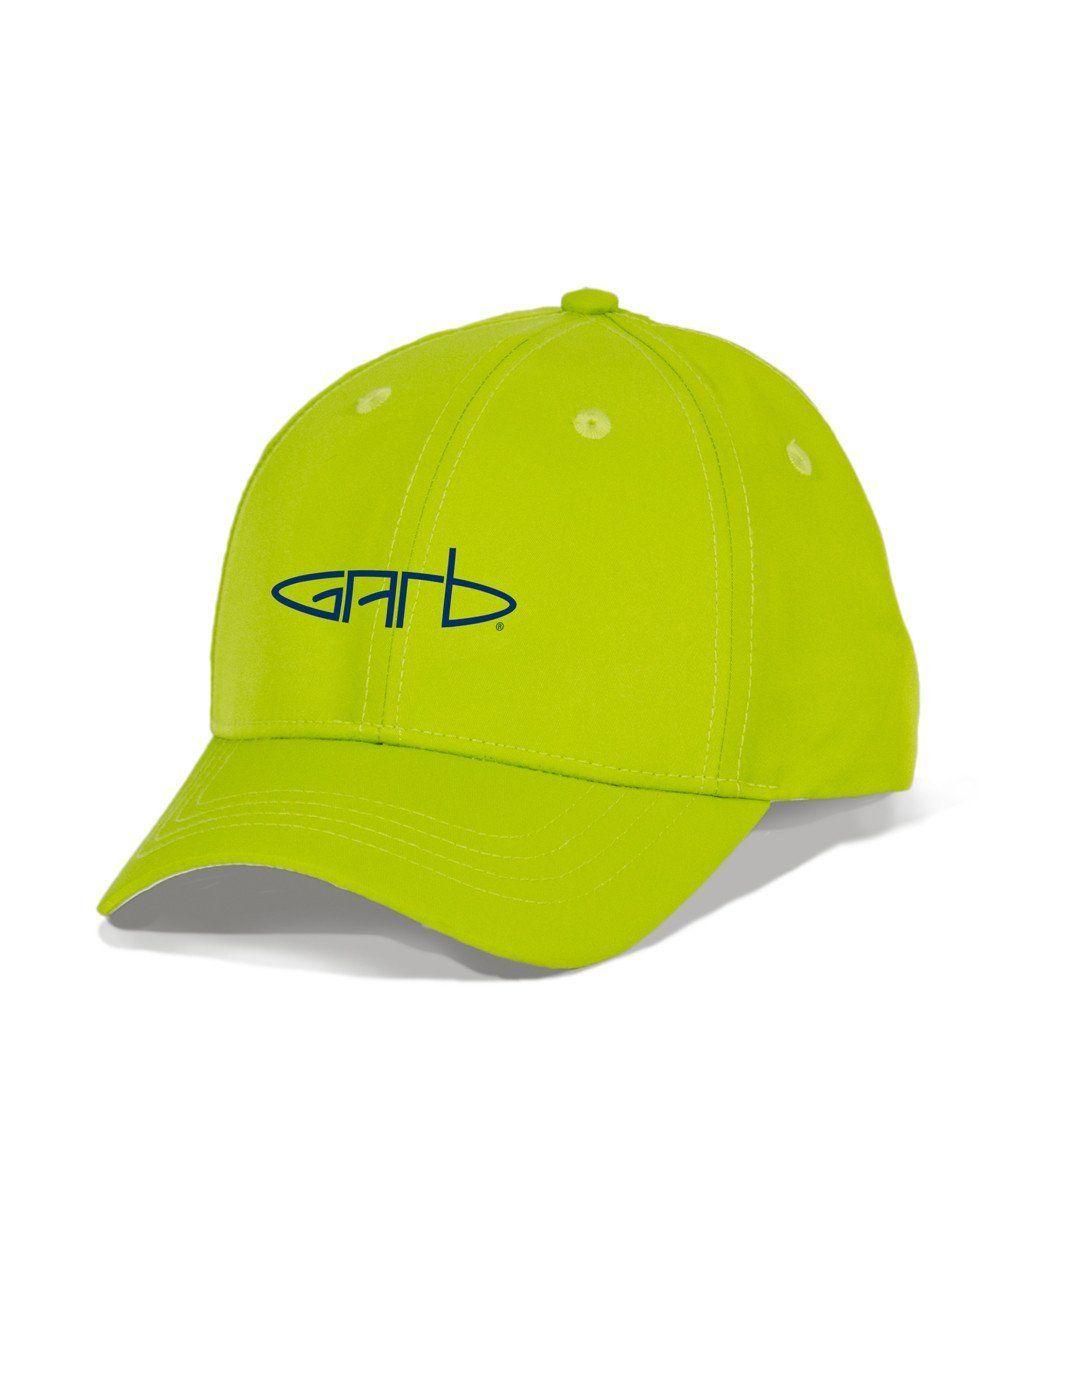 Bailey - Unisex Golf Hat  d5fc7585279